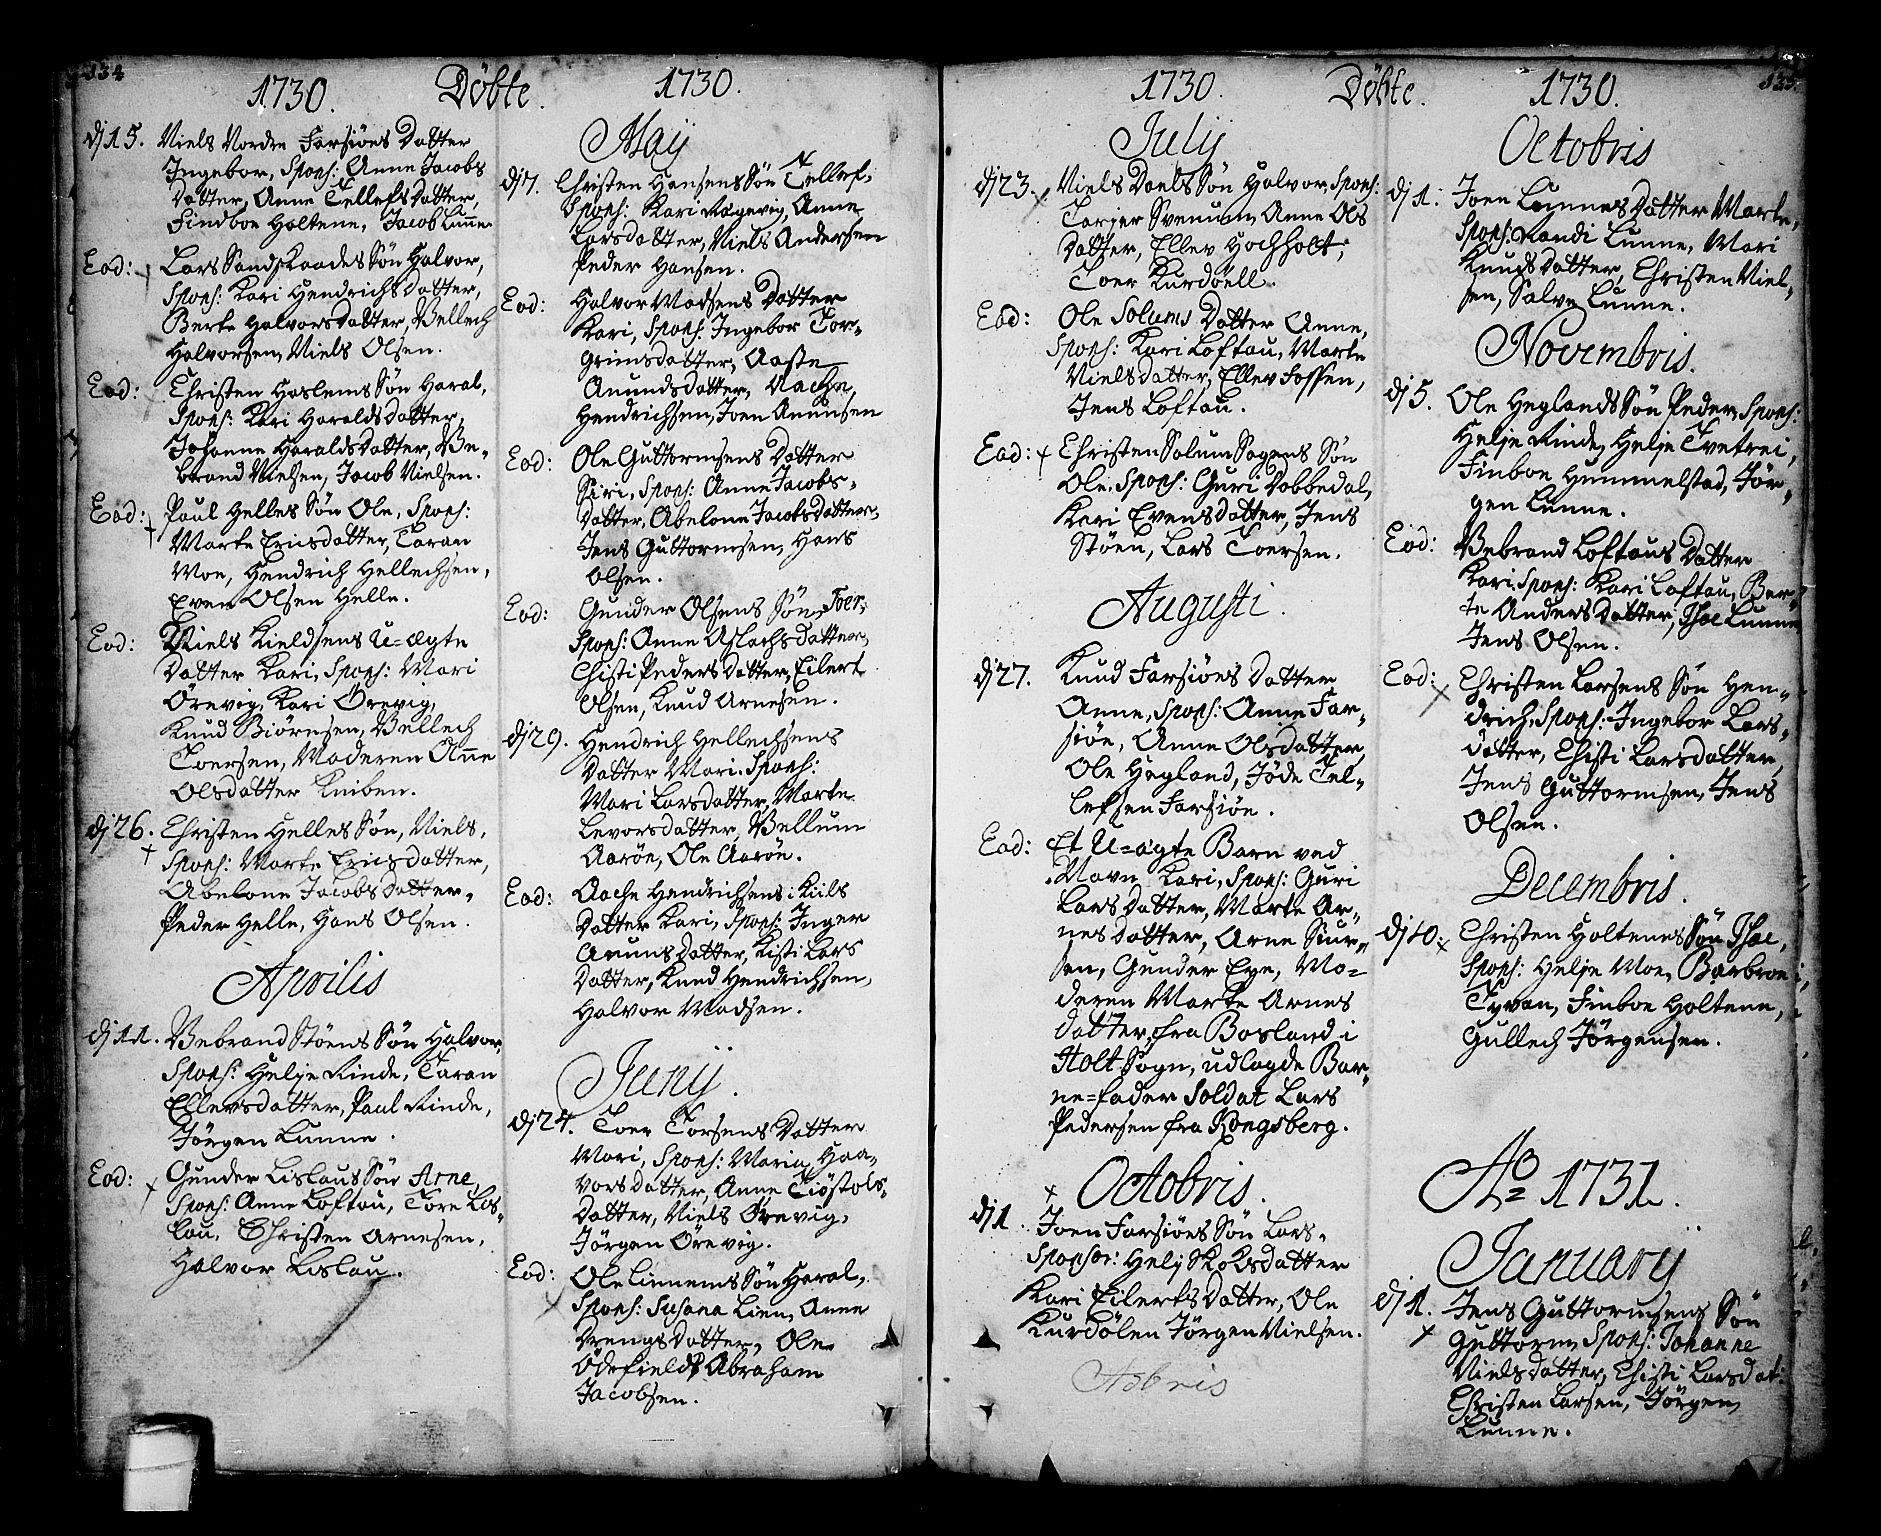 SAKO, Sannidal kirkebøker, F/Fa/L0001: Ministerialbok nr. 1, 1702-1766, s. 134-135